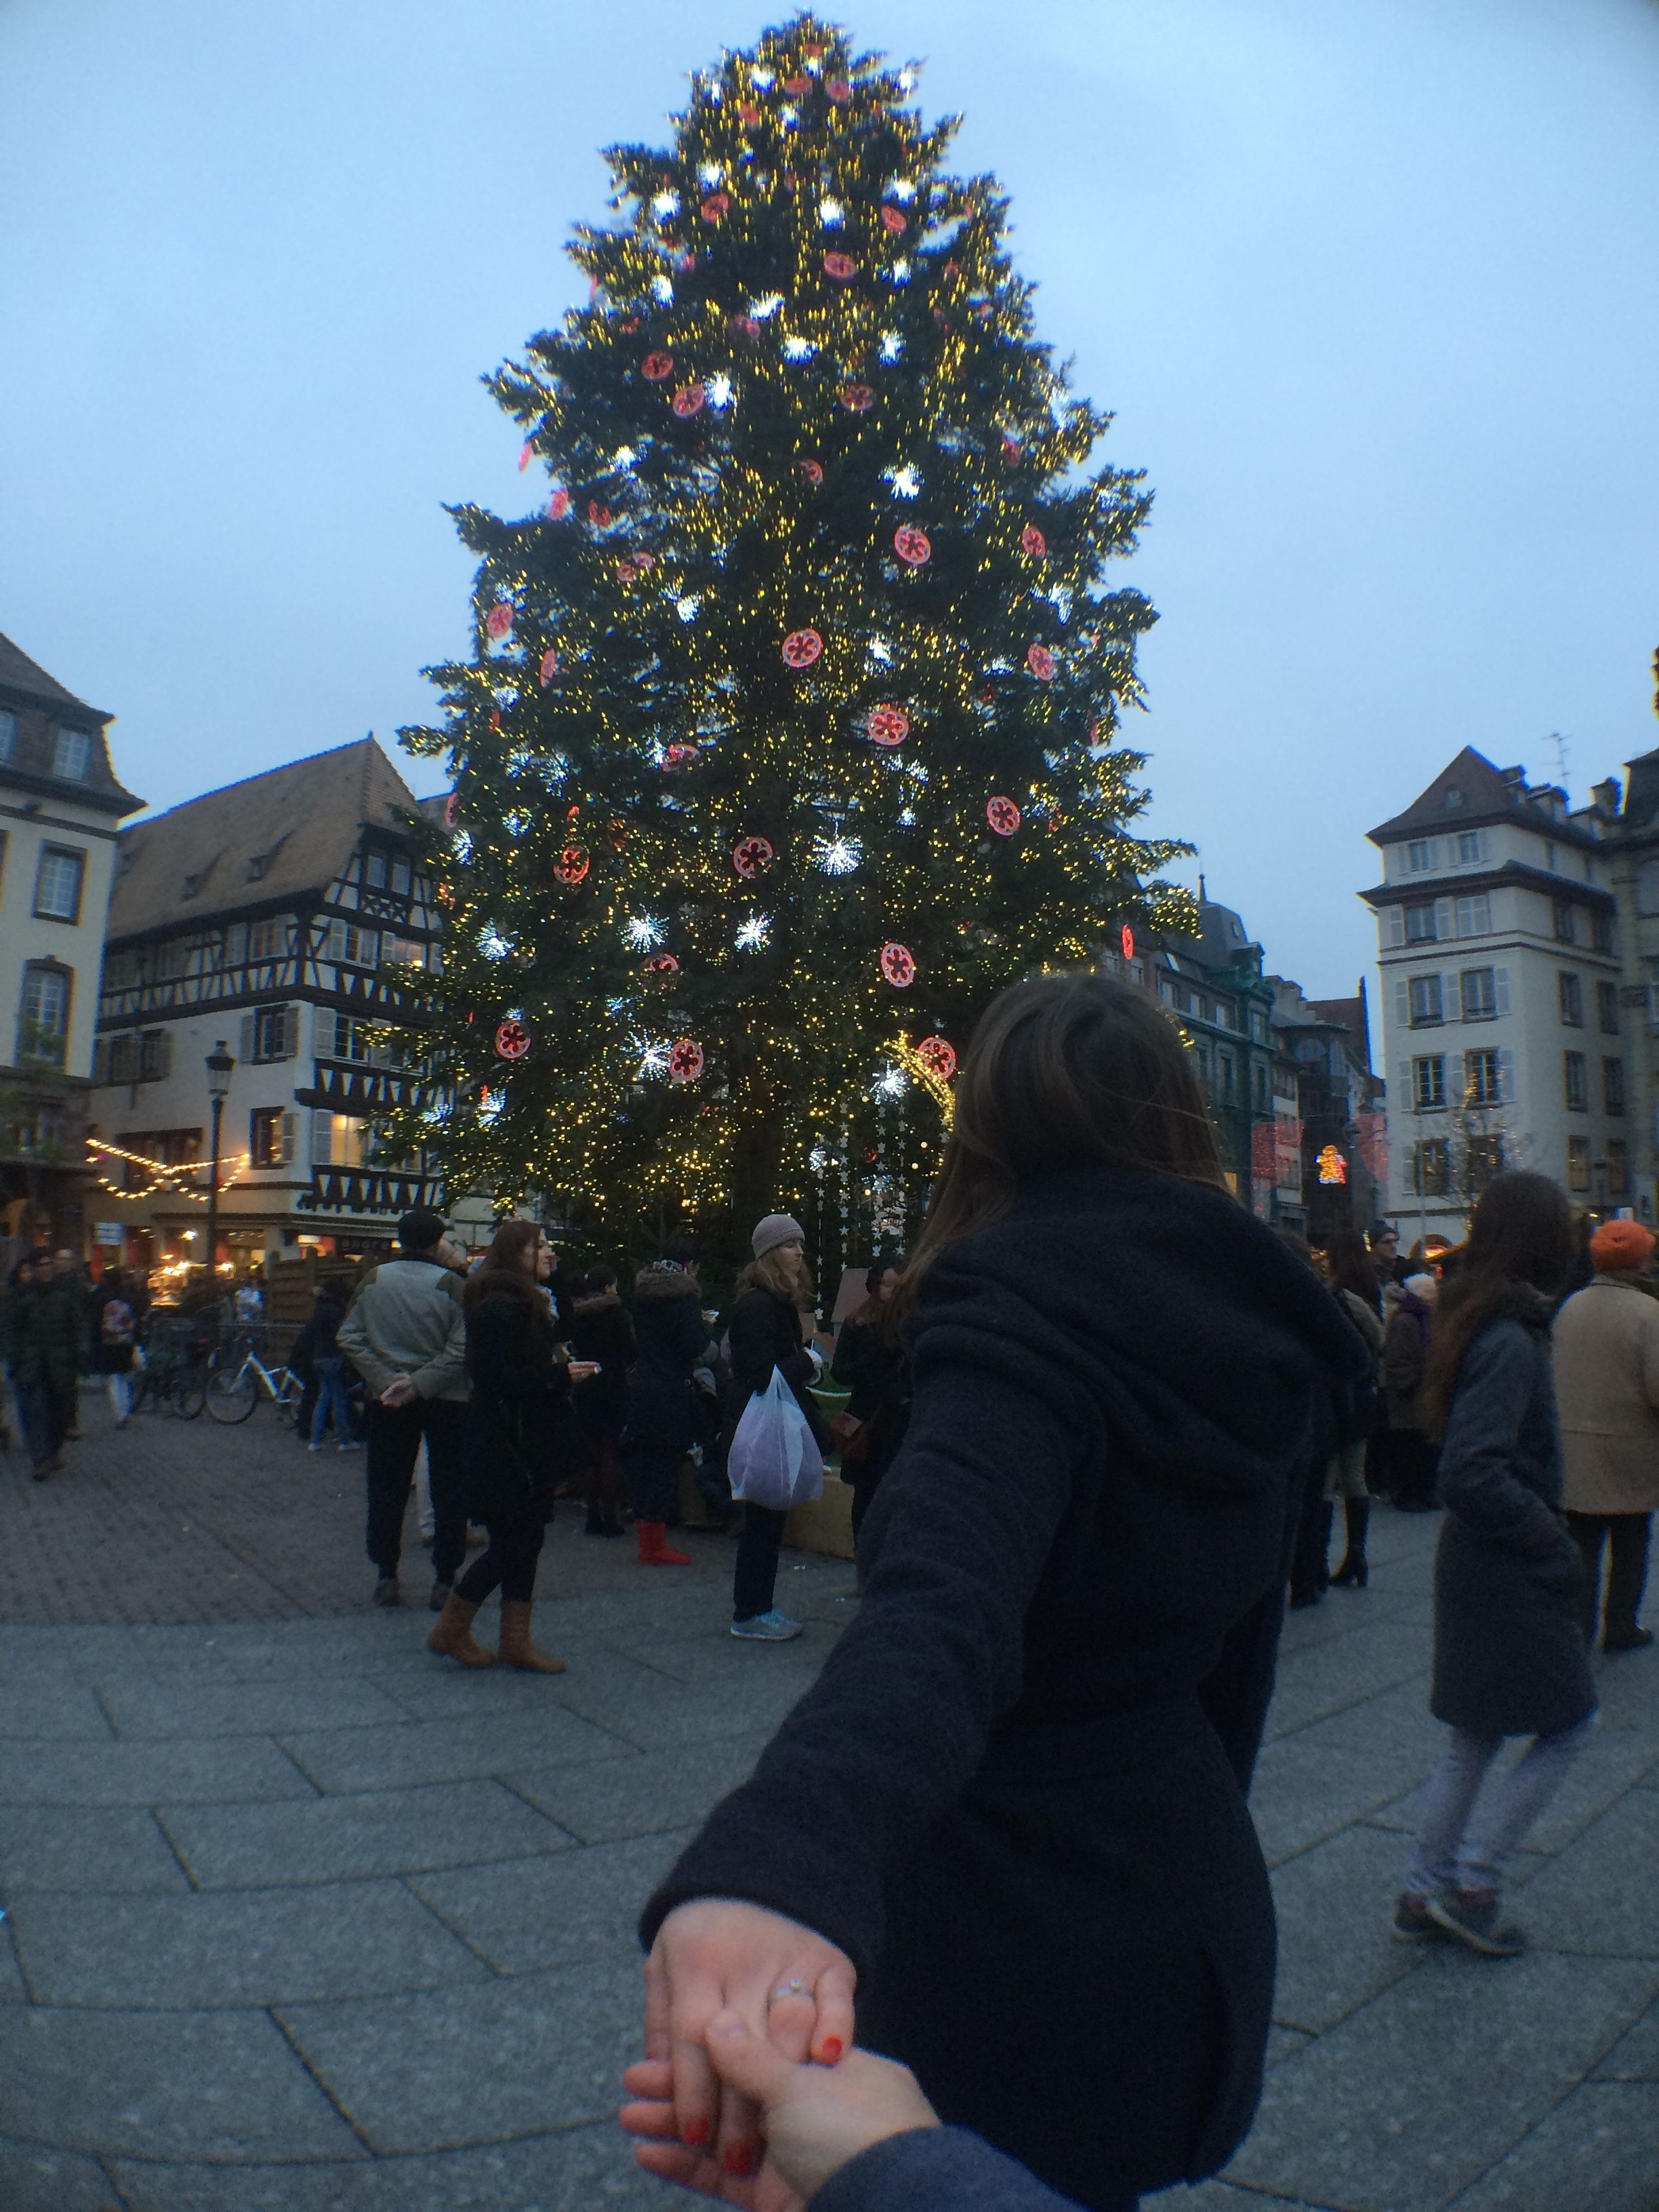 Le Marché de Noêl de Strasbourg, Alsace. (29.11.14)